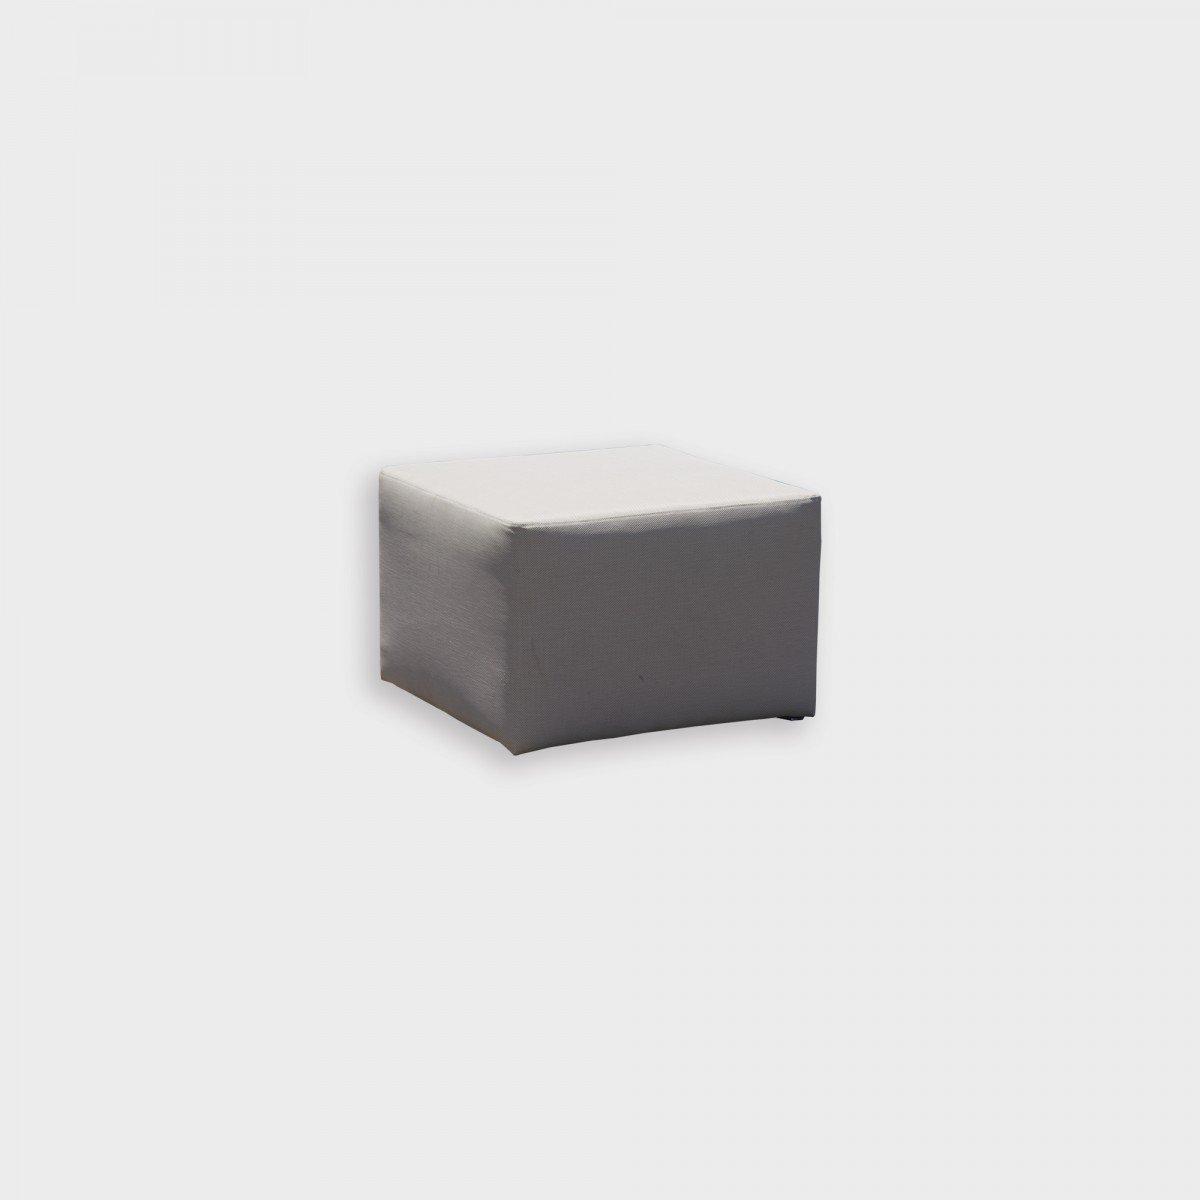 Pouf da giardino, 62 cm - H 42 cm - : 62 cm, 6,23kg./0,10m3 - tessuto  antimacchia, colori bianco e grigio argento, , resistente all\'usura e agli  ...